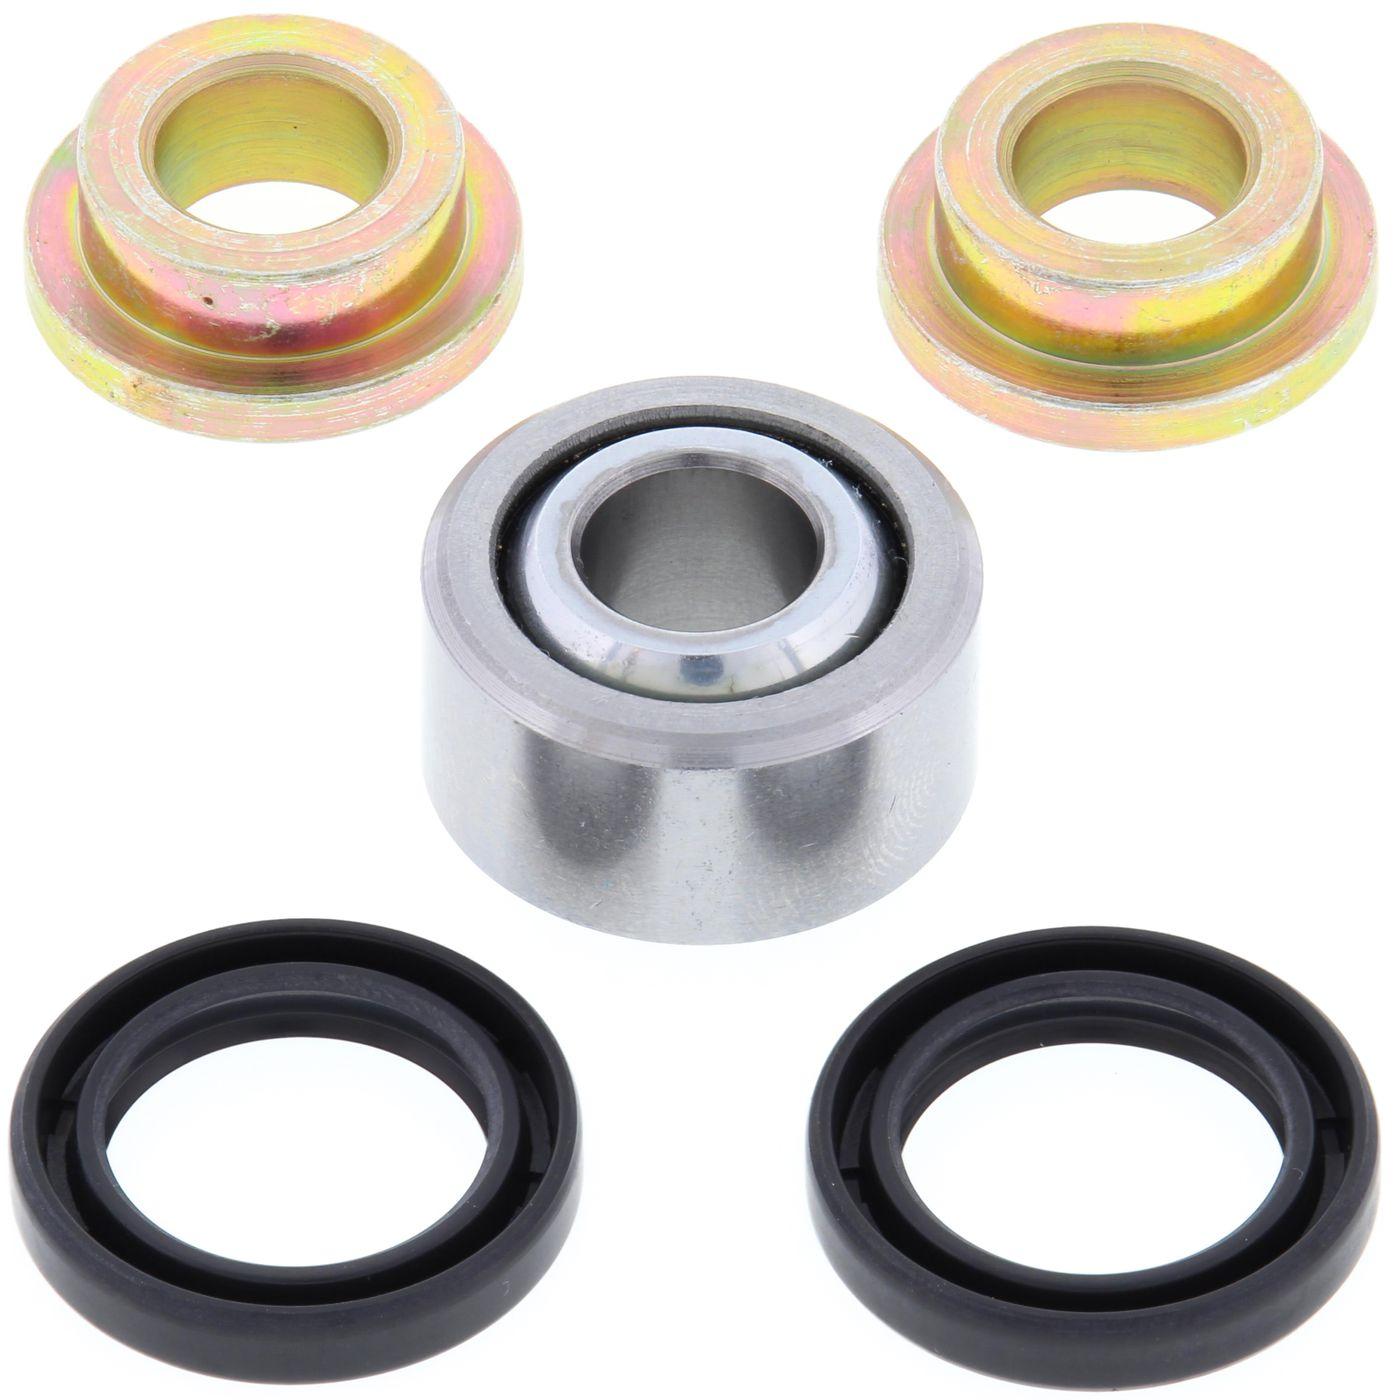 Wrp Shock Bearing Kits - WRP291010 image